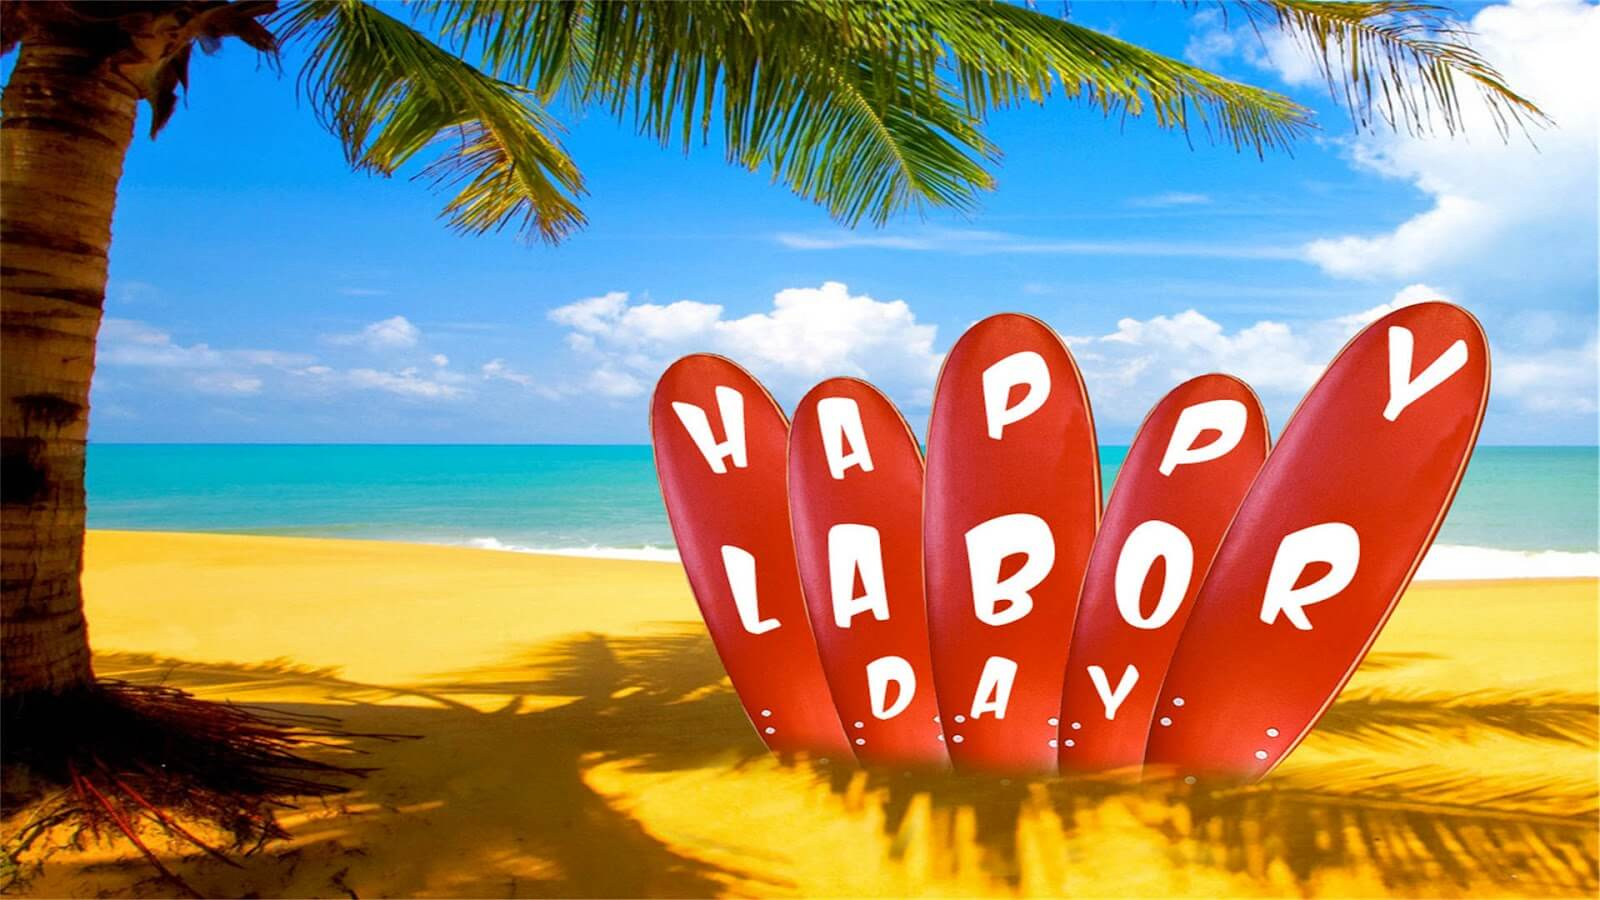 happy labor day surf board sea shore wallpaper